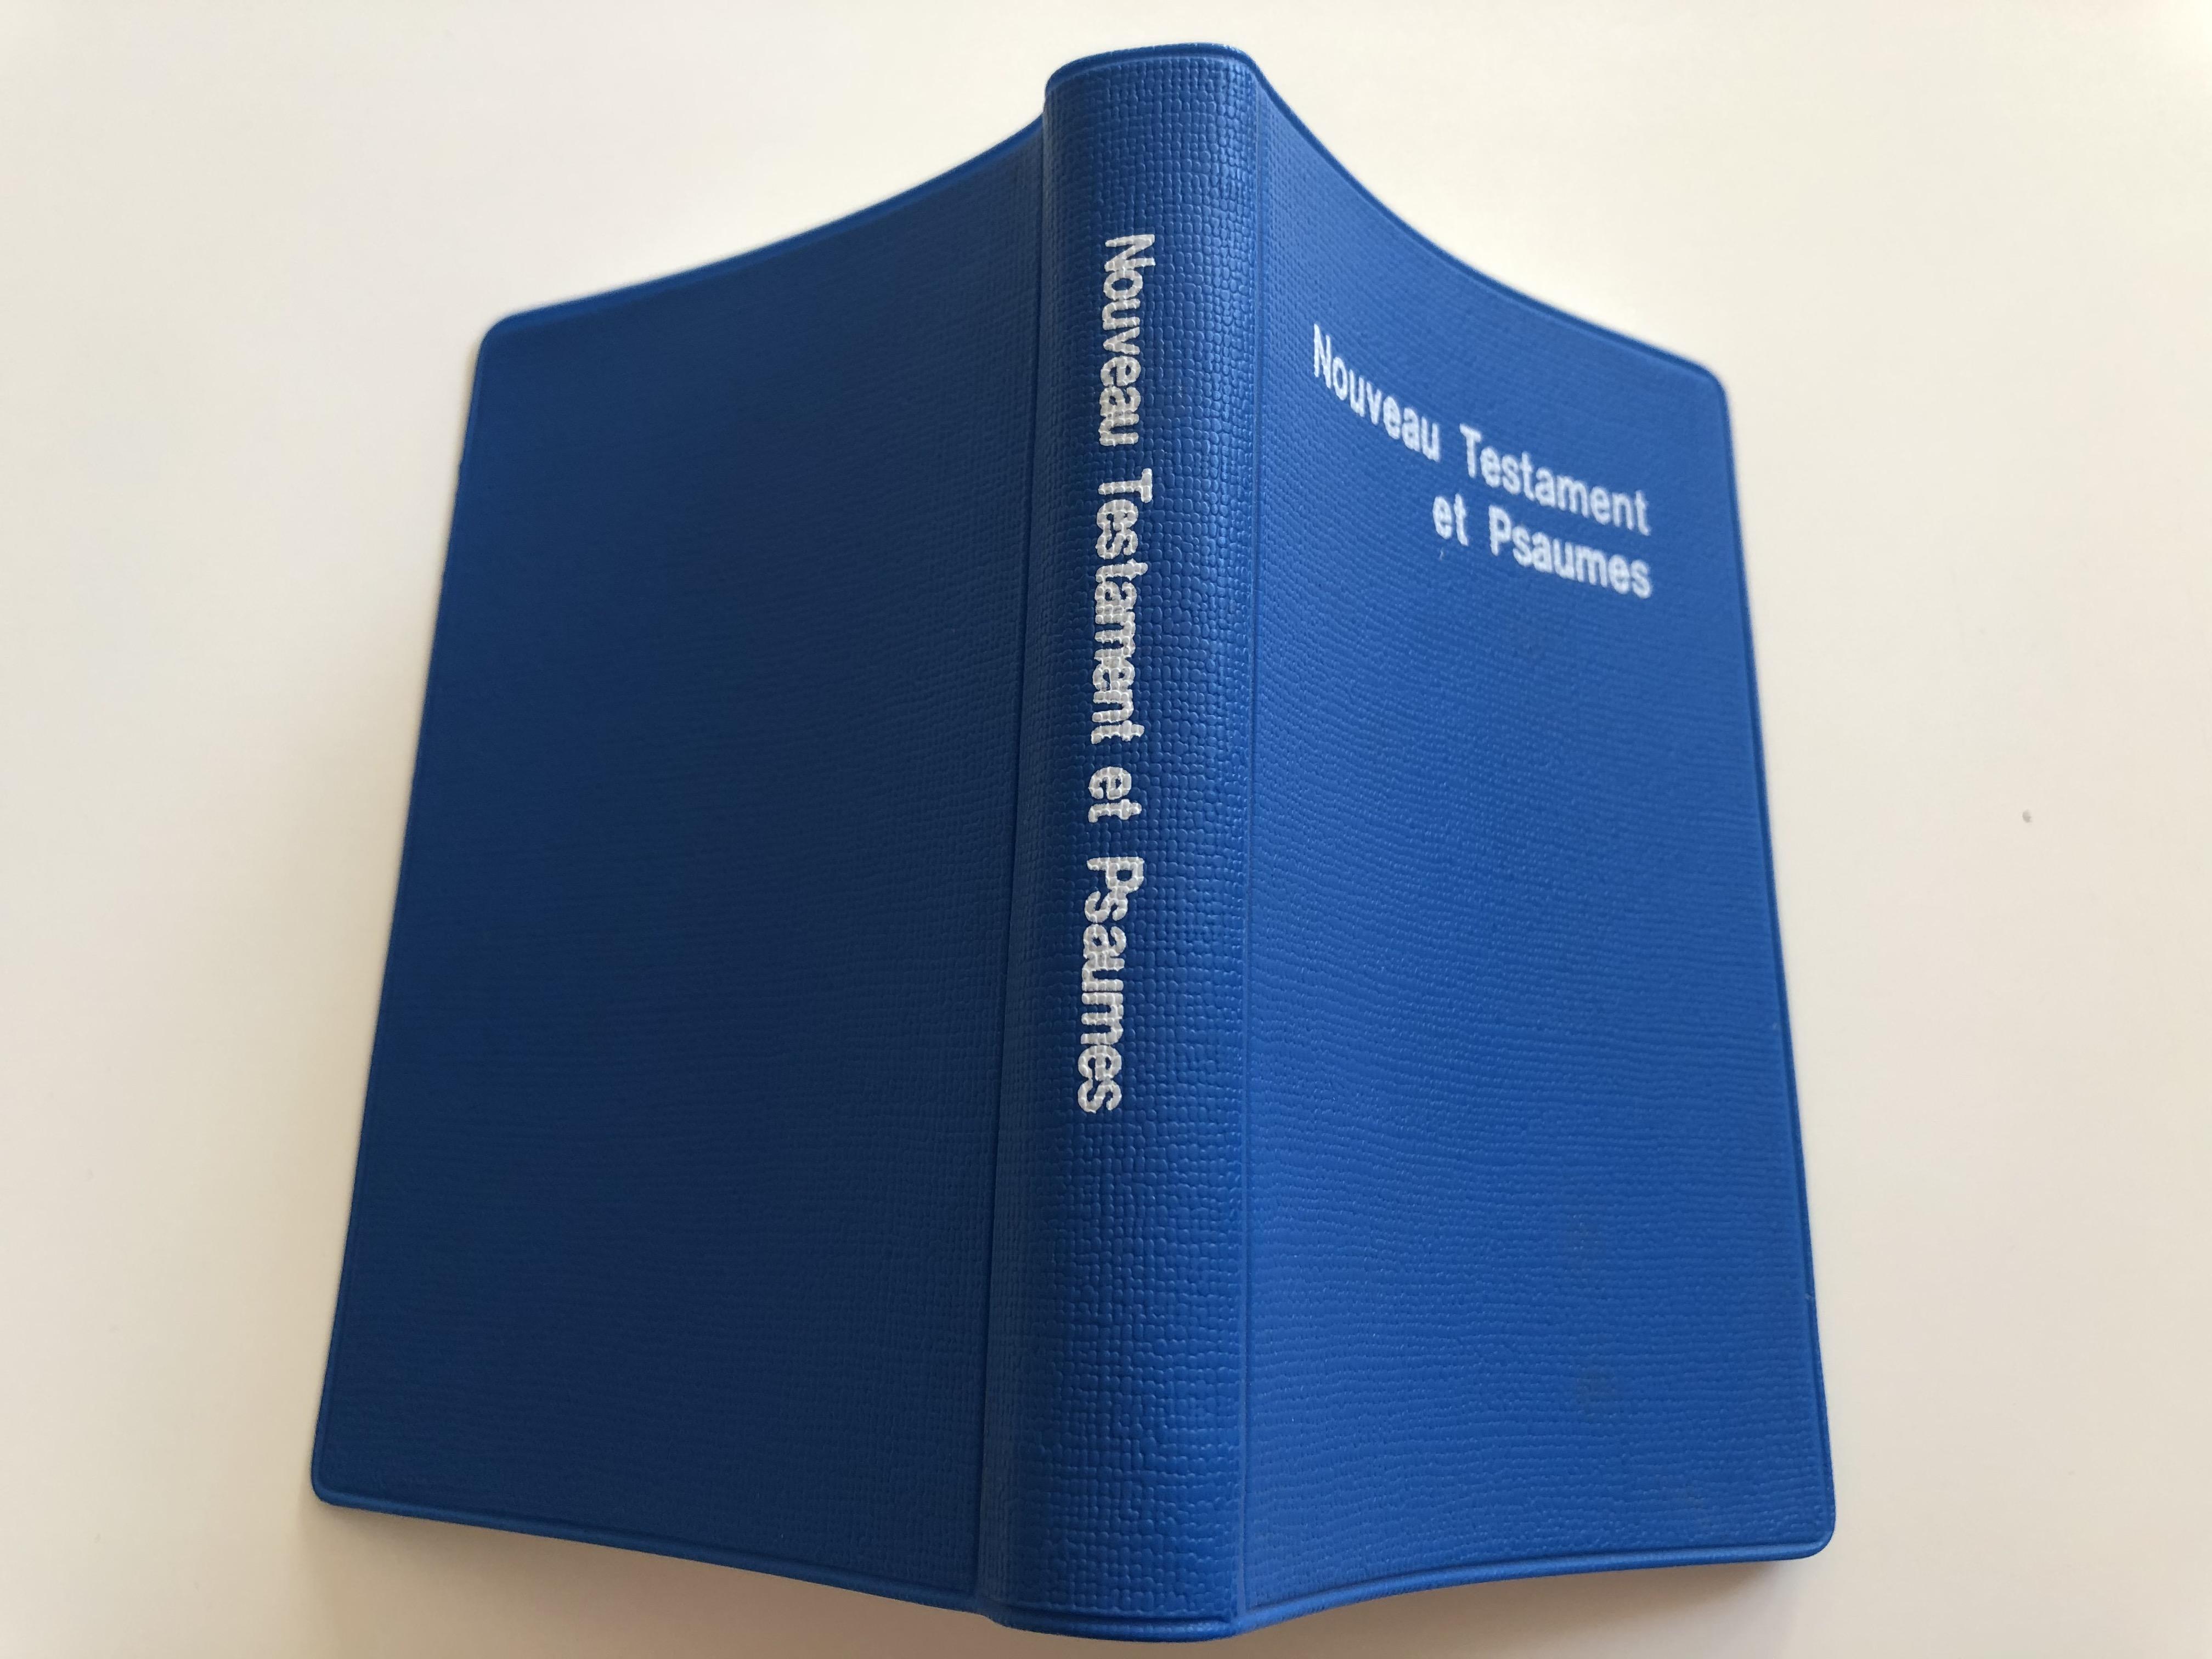 le-noveau-testament-et-les-psaumes-french-language-new-testament-and-psalms-3-.jpg